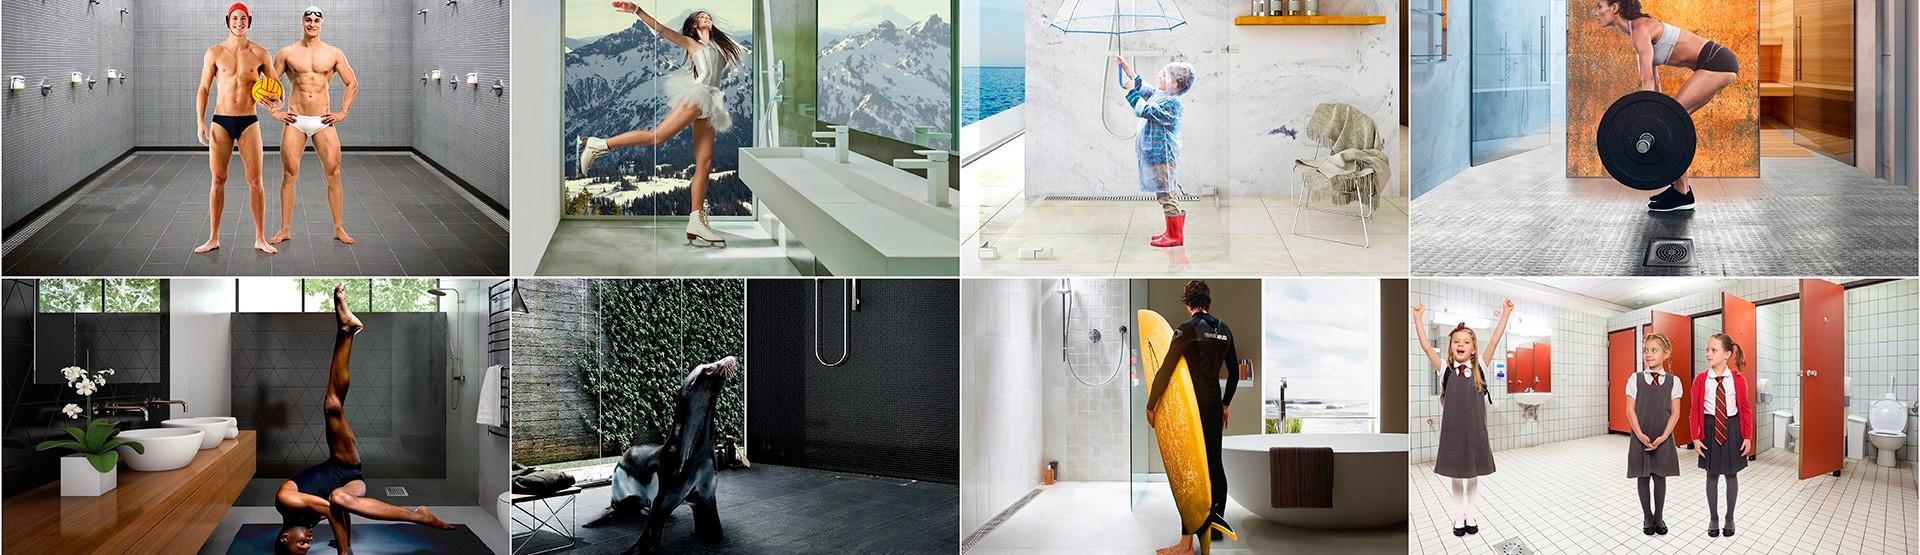 ACO Microsite banheiros e chuveiros